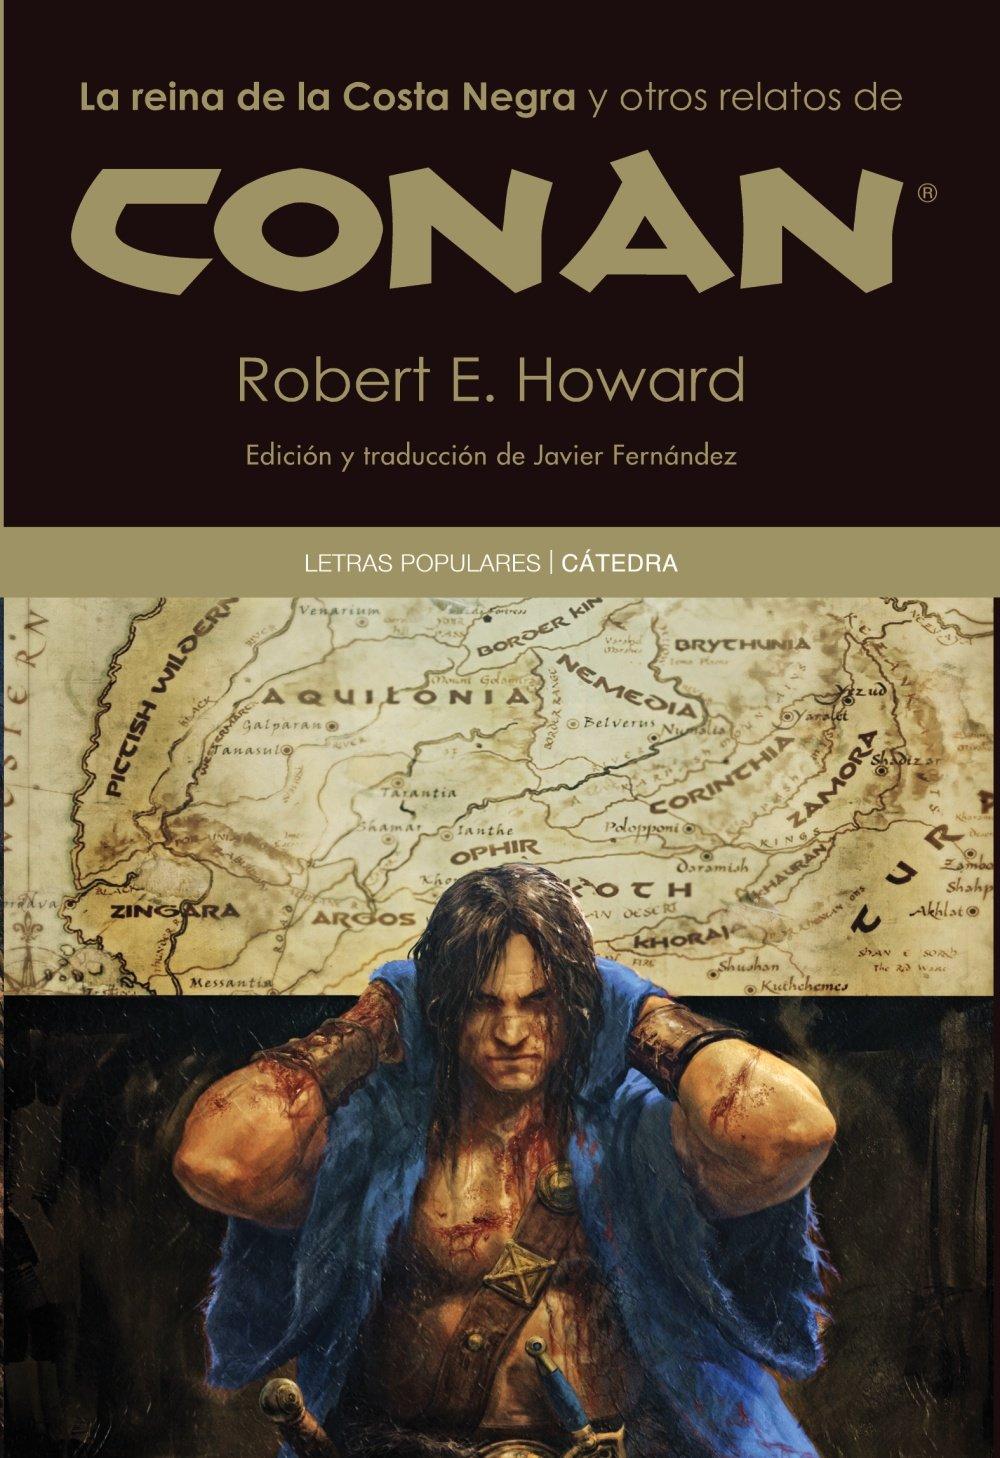 La reina de la Costa Negra y otros relatos de Conan (Letras Populares) Tapa blanda – 13 nov 2012 Robert E. Howard Ediciones Cátedra 8437630614 Adventure